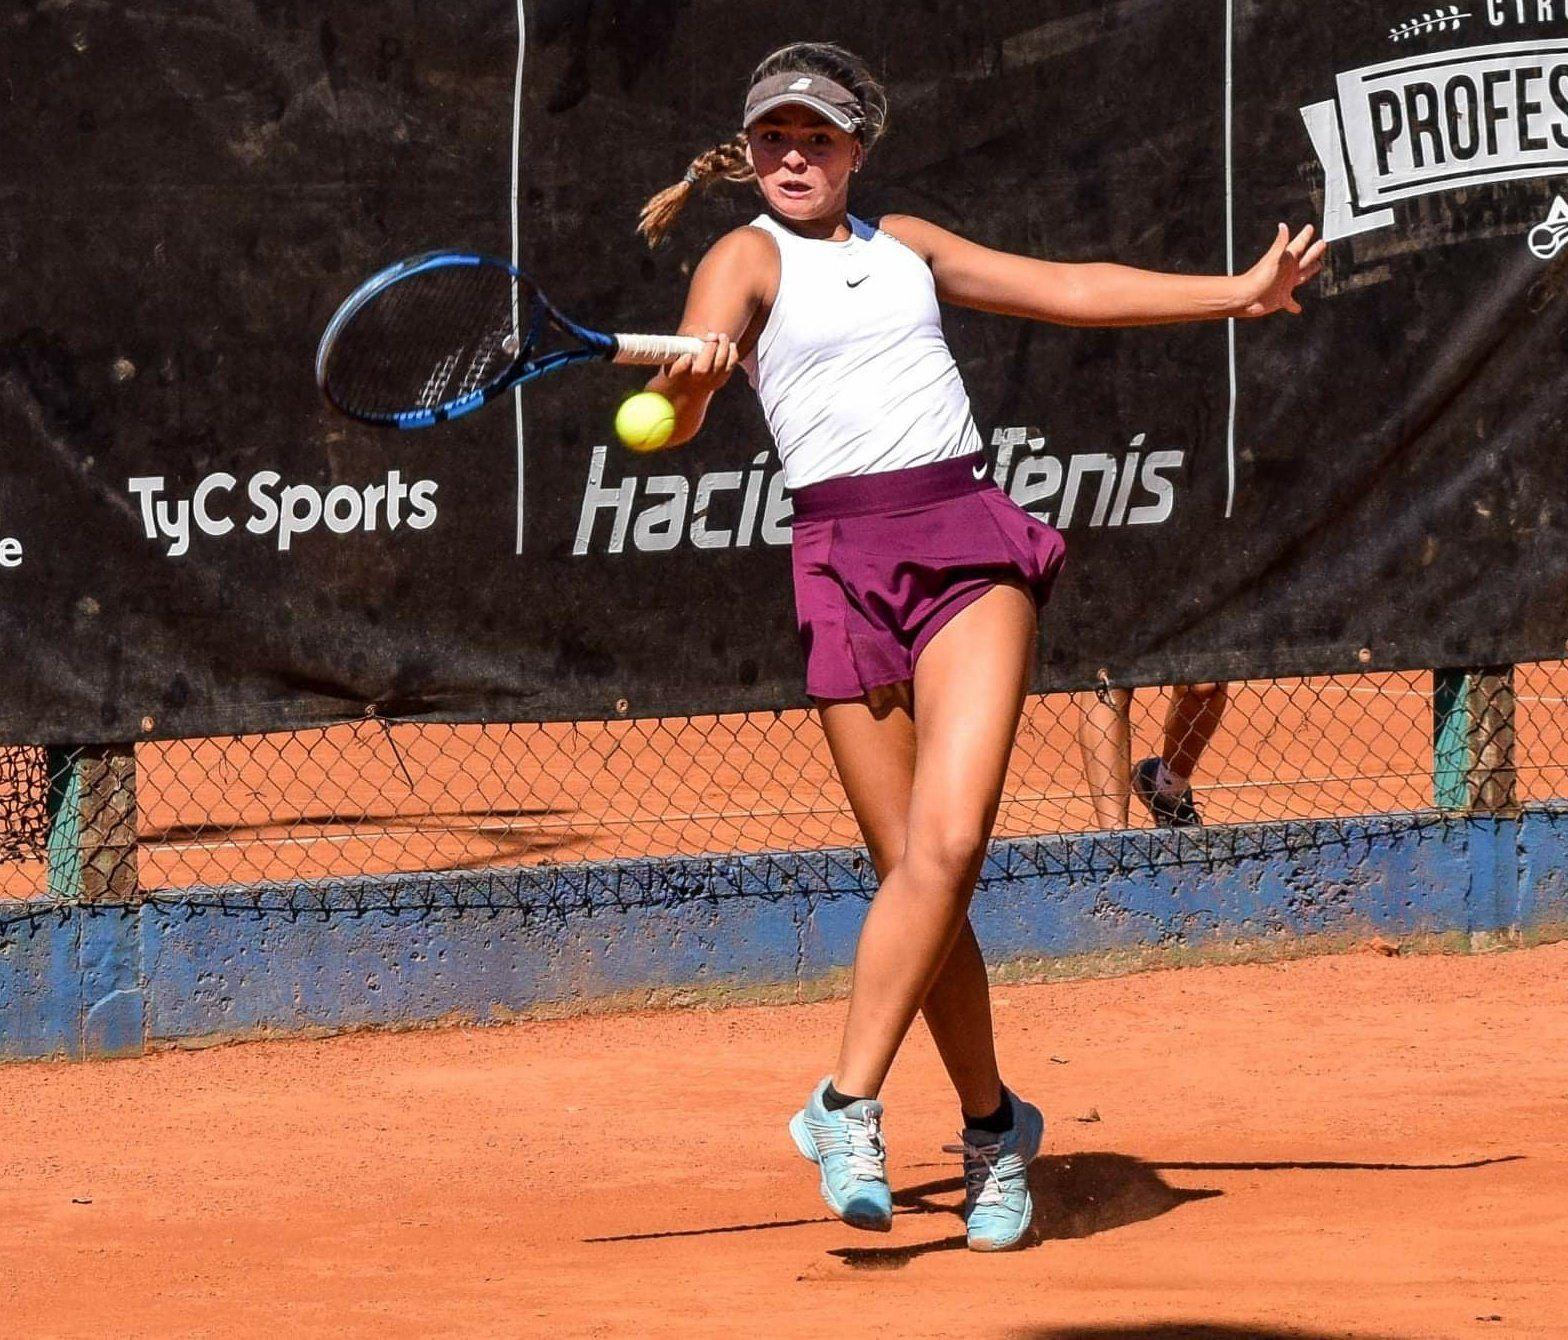 La número tres. Moyano está en el podio de las mejores Junior de Argentina y le apunta a los Grand Slams de la categoría.